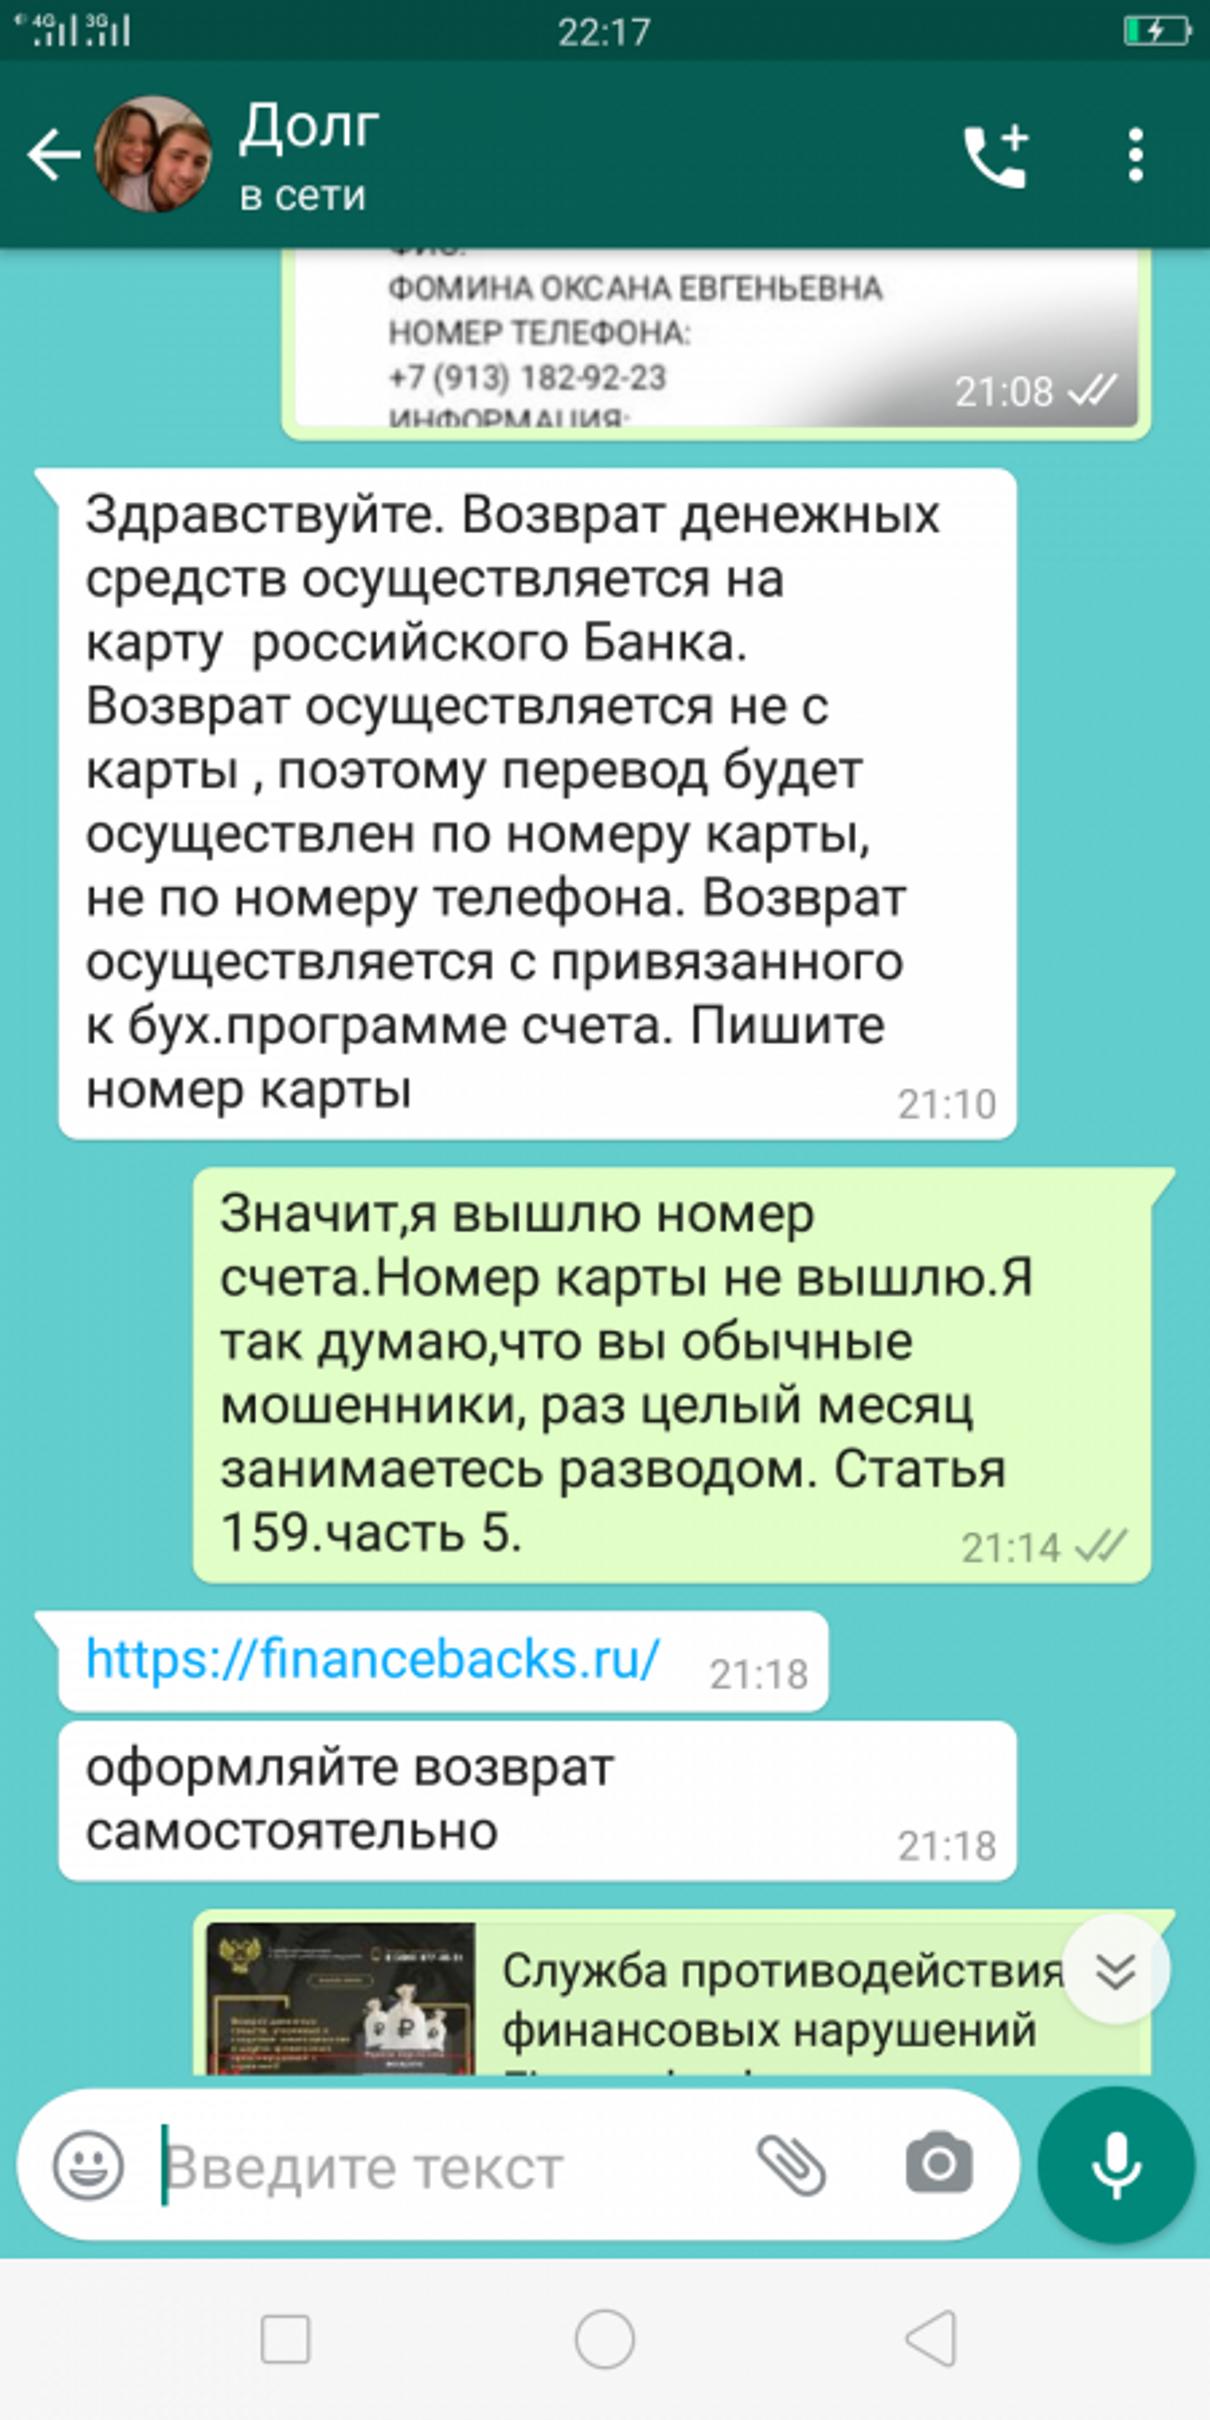 Жалоба-отзыв: ЭКОНОМЬ С УДОВОЛЬСТВИЕМ в ВК - Мошенники.  Фото №2